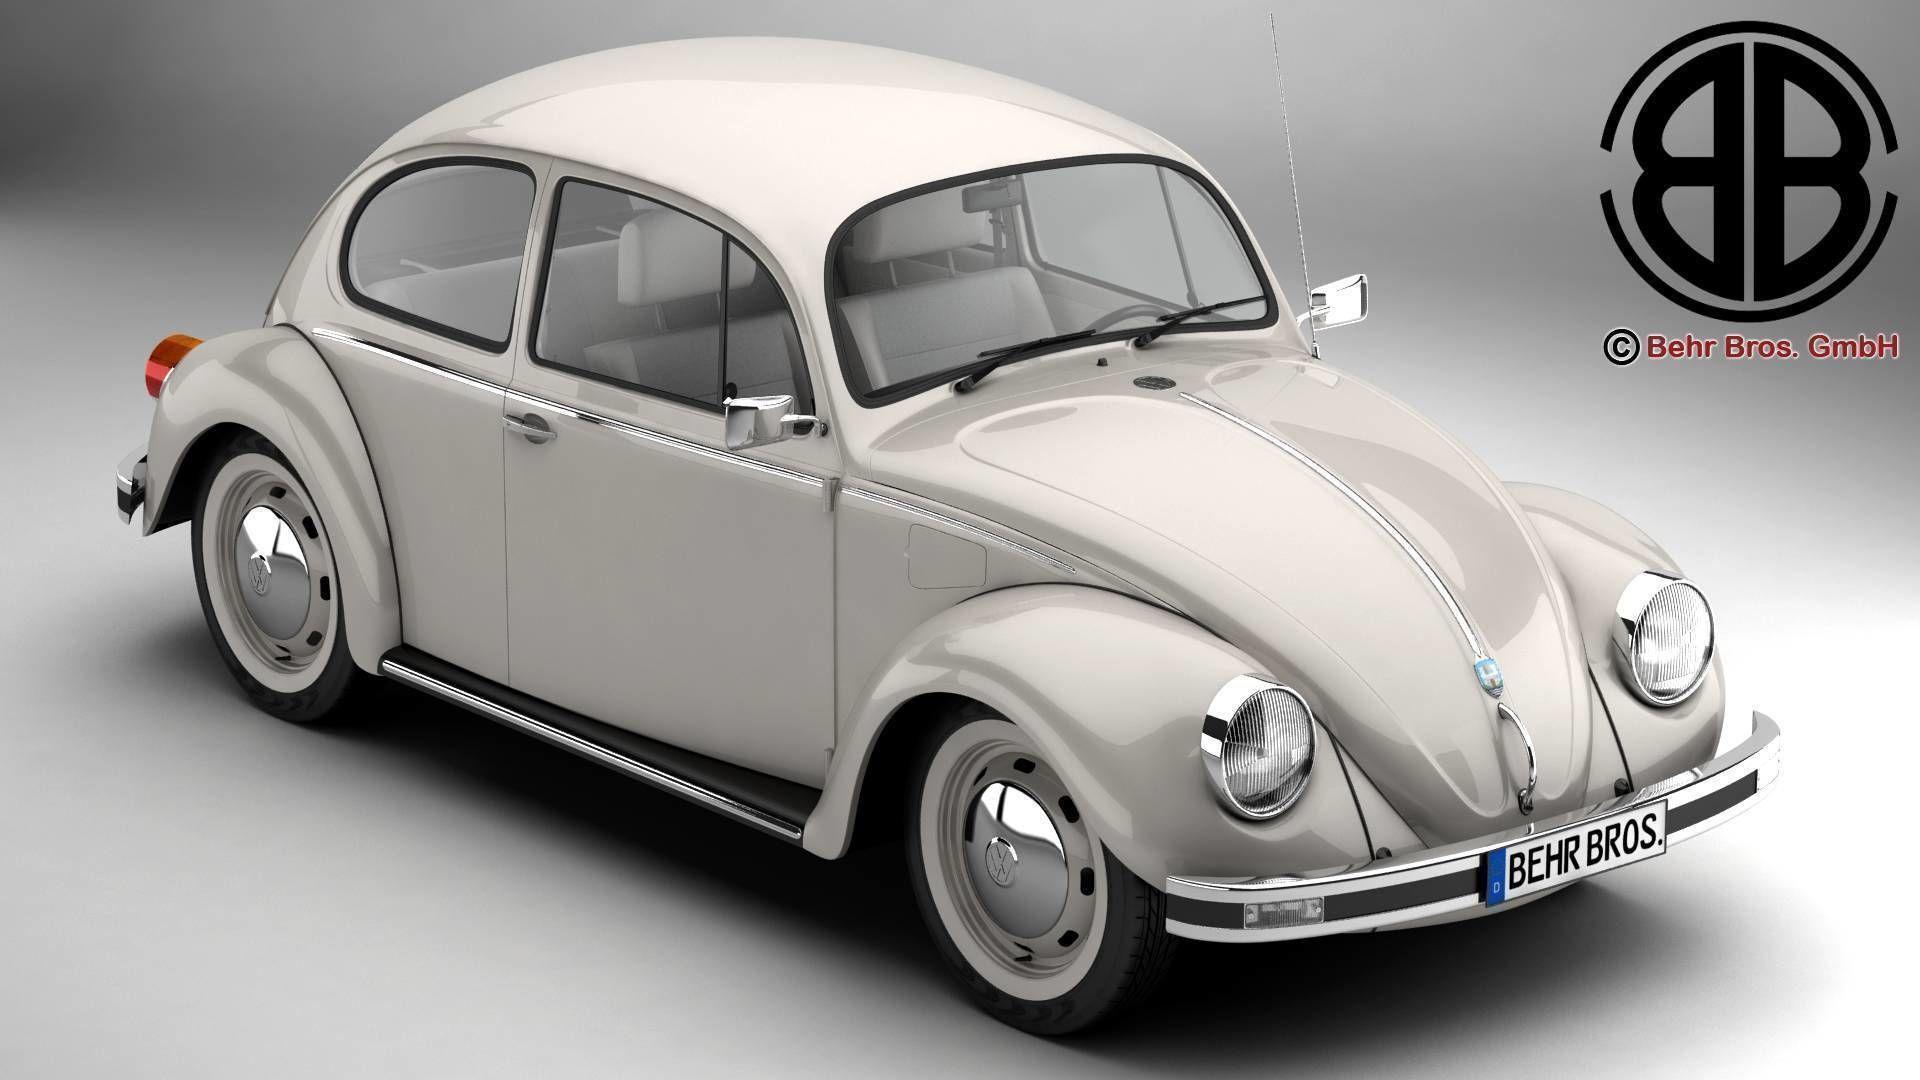 Volkswagen Beetle 2003 Ultima Edicion